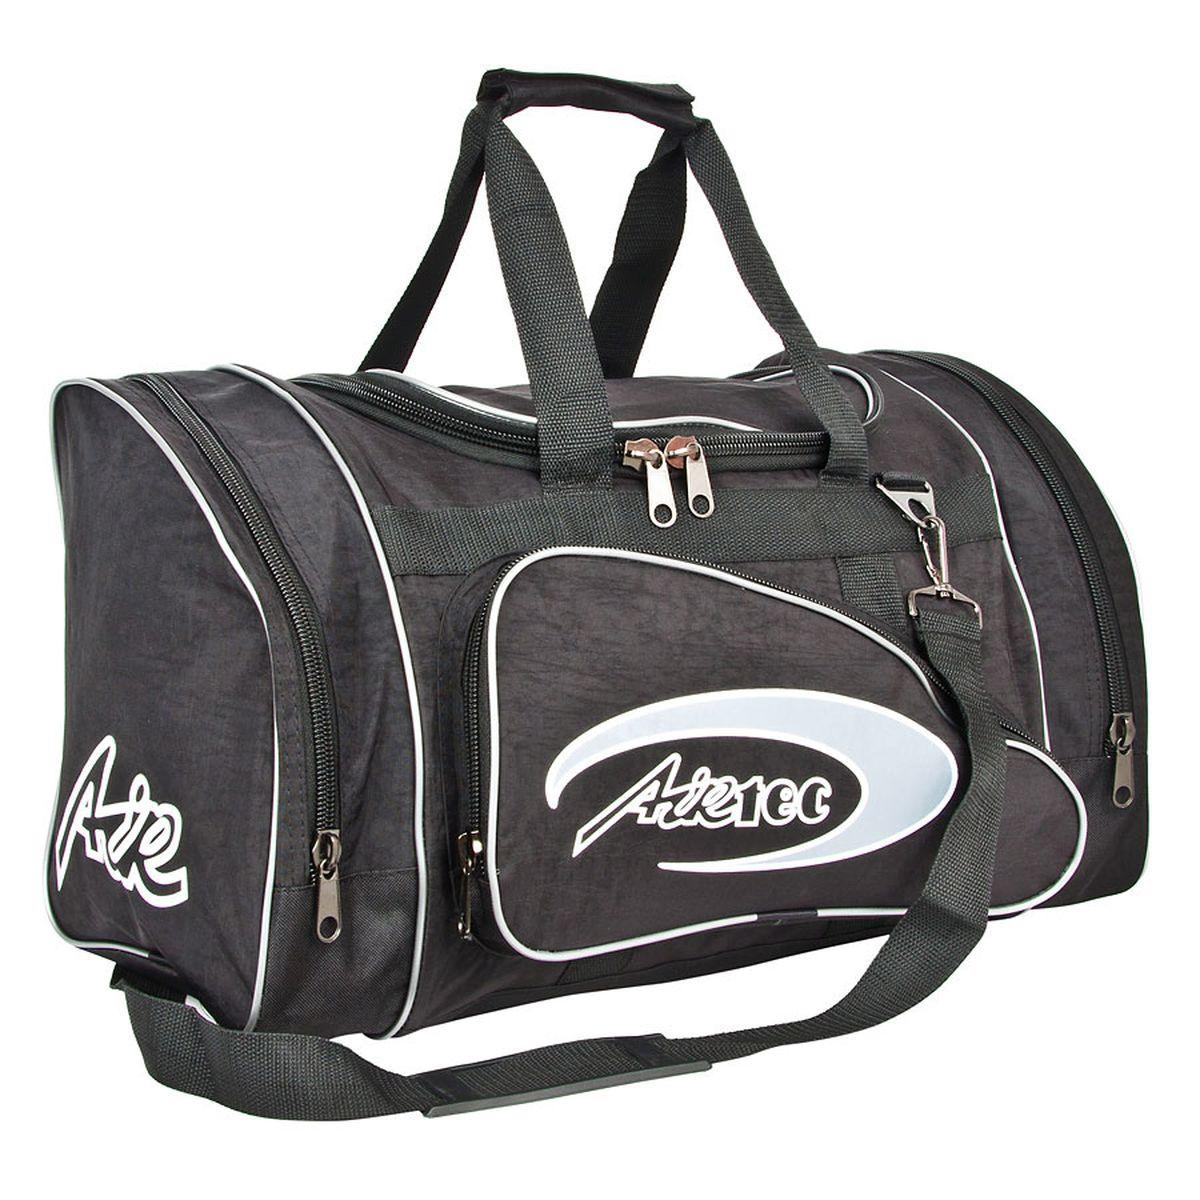 Сумка спортивная Polar, цвет: черный, 36 л. п03 сумка спортивная мужская adidas cvrt 3s duf m цвет черный 37 л cg1533